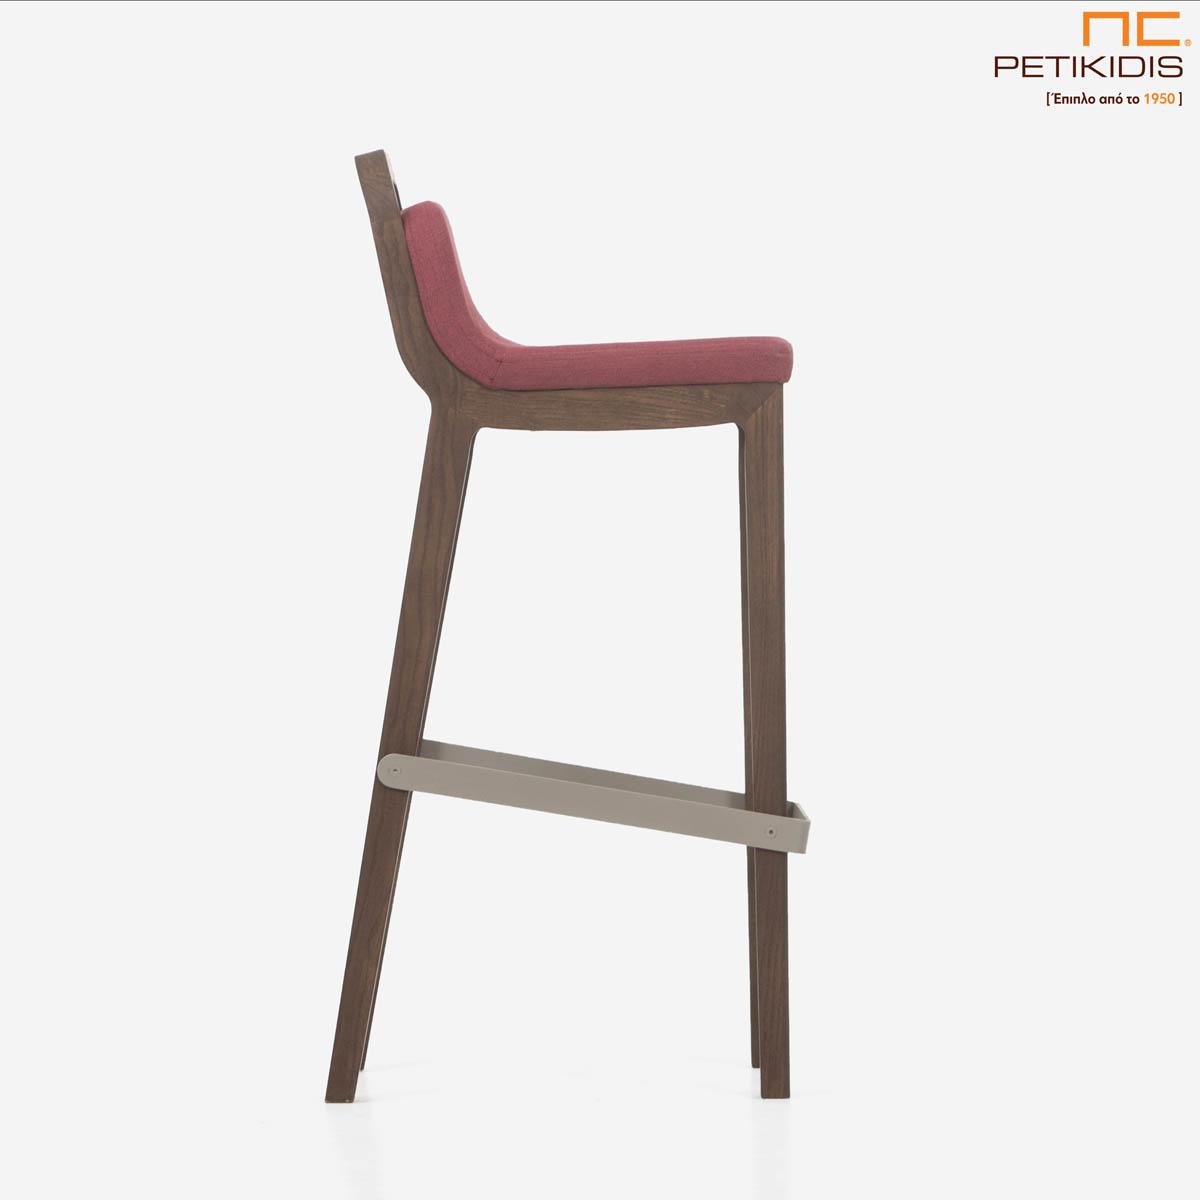 Σκαμπό Irida. Κατασκευάζεται σε δύο ύψη καθίσματος από μασίφ ξύλο. Το ύφασμα είναι σε μπορντό αποχρώσεις αδιάβροχο και αλέκιαστο. Λεπτομέρεια.